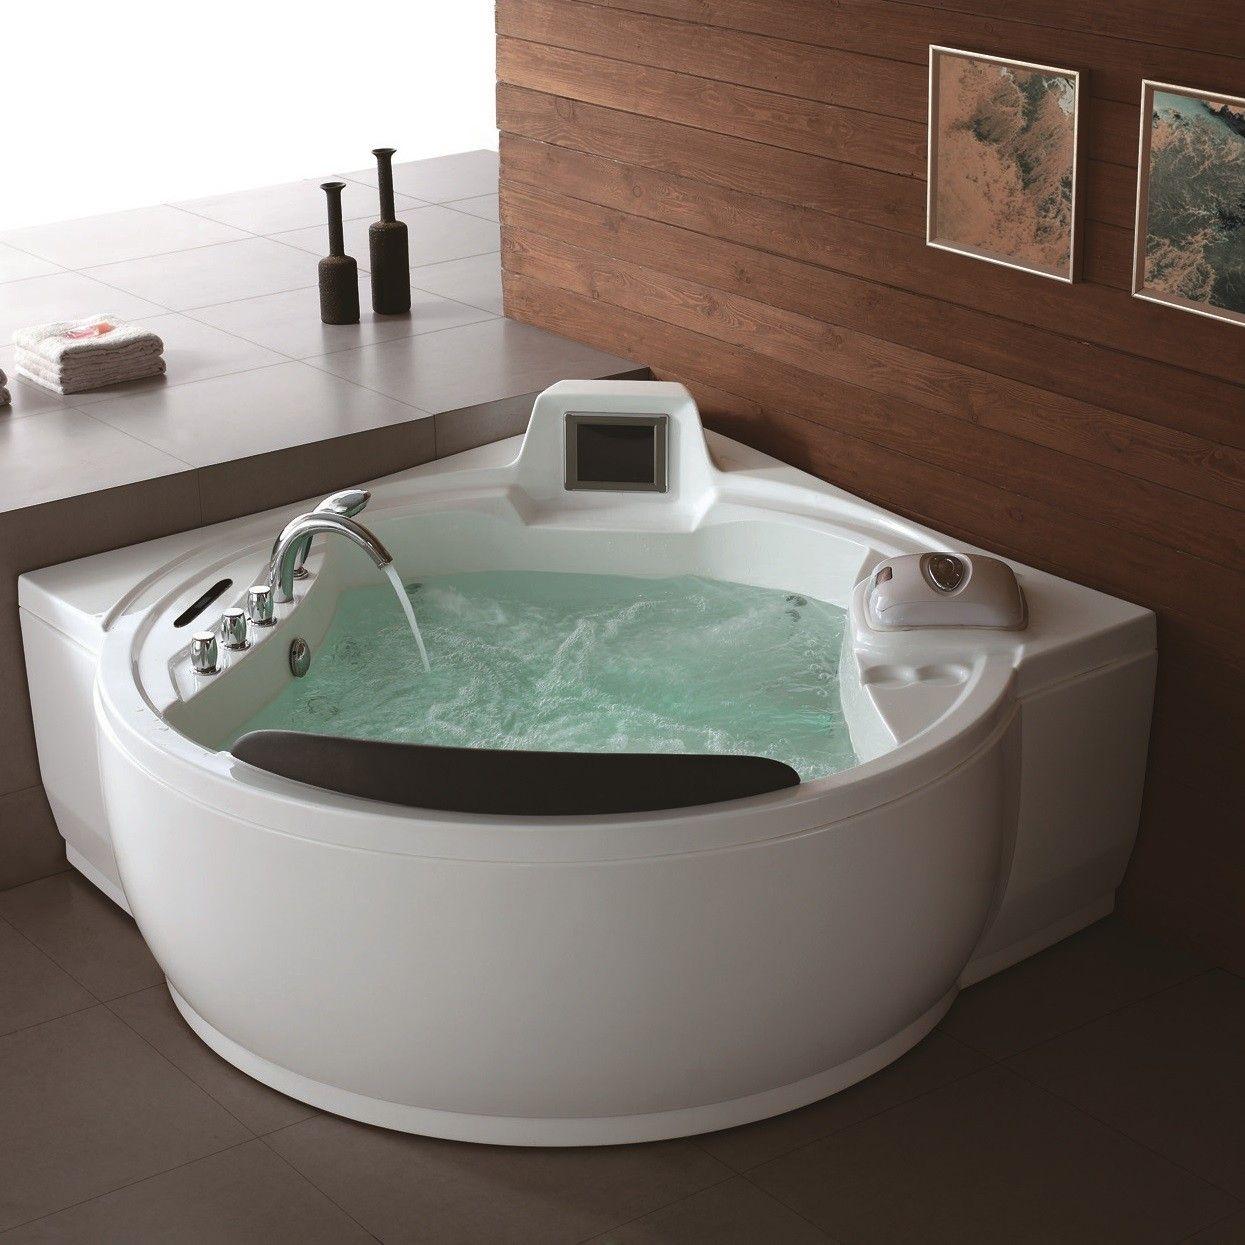 Holen Sie Sich Die Besten Whirlpool Bewertungen Fur Ihr Badezimmer Mobelde Com Whirlpool Badewanne Badezimmer Jacuzzi Badewanne